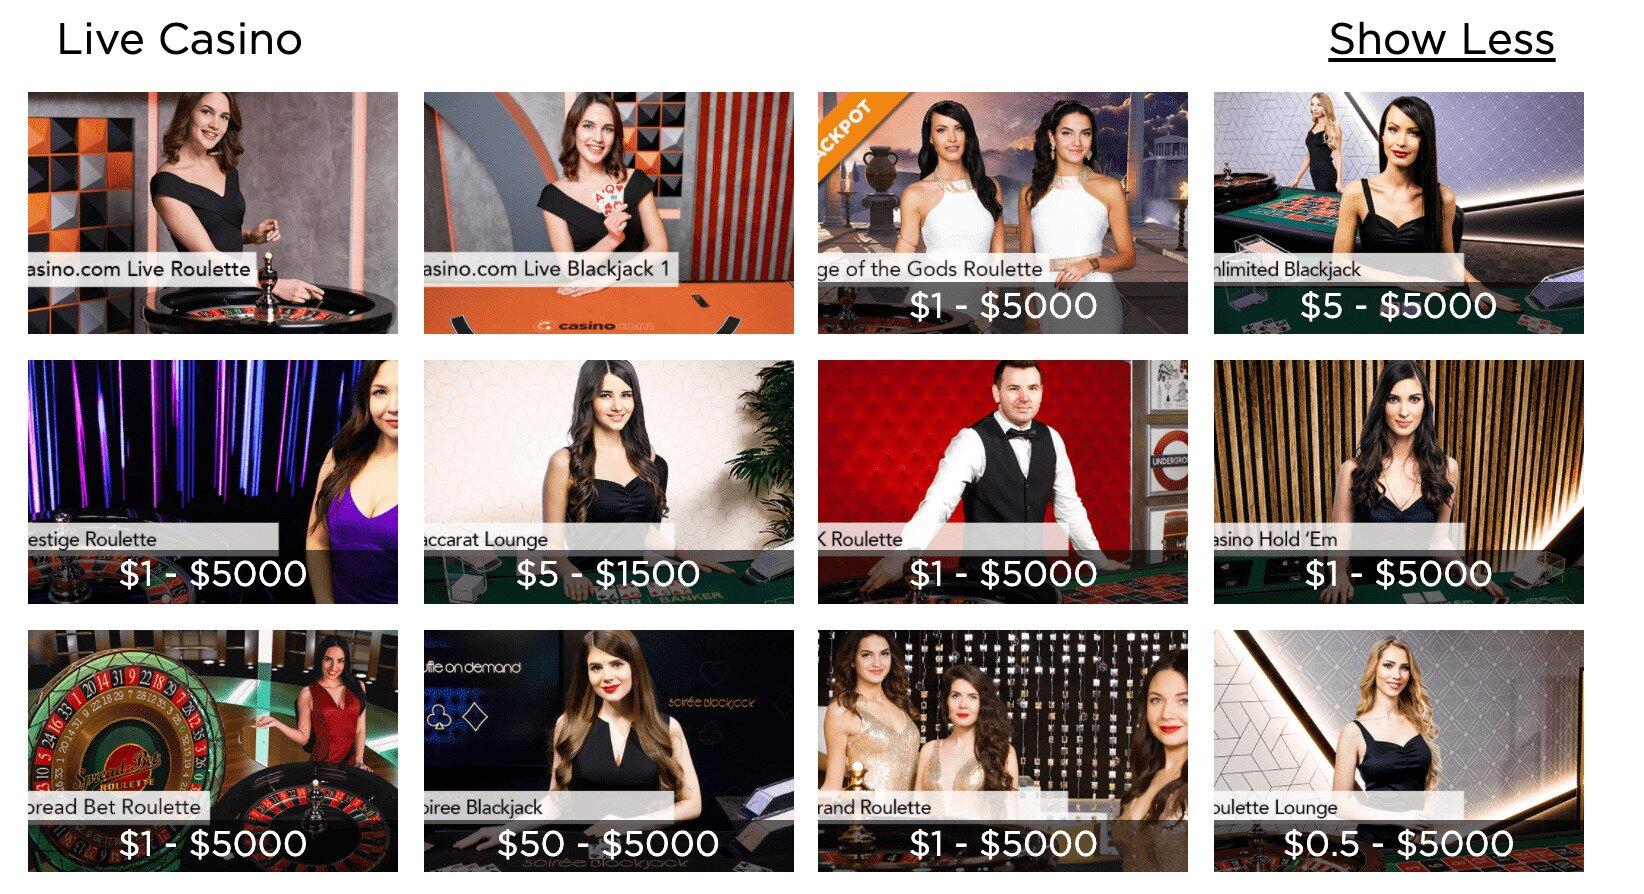 Casino.com Live Dealer Games